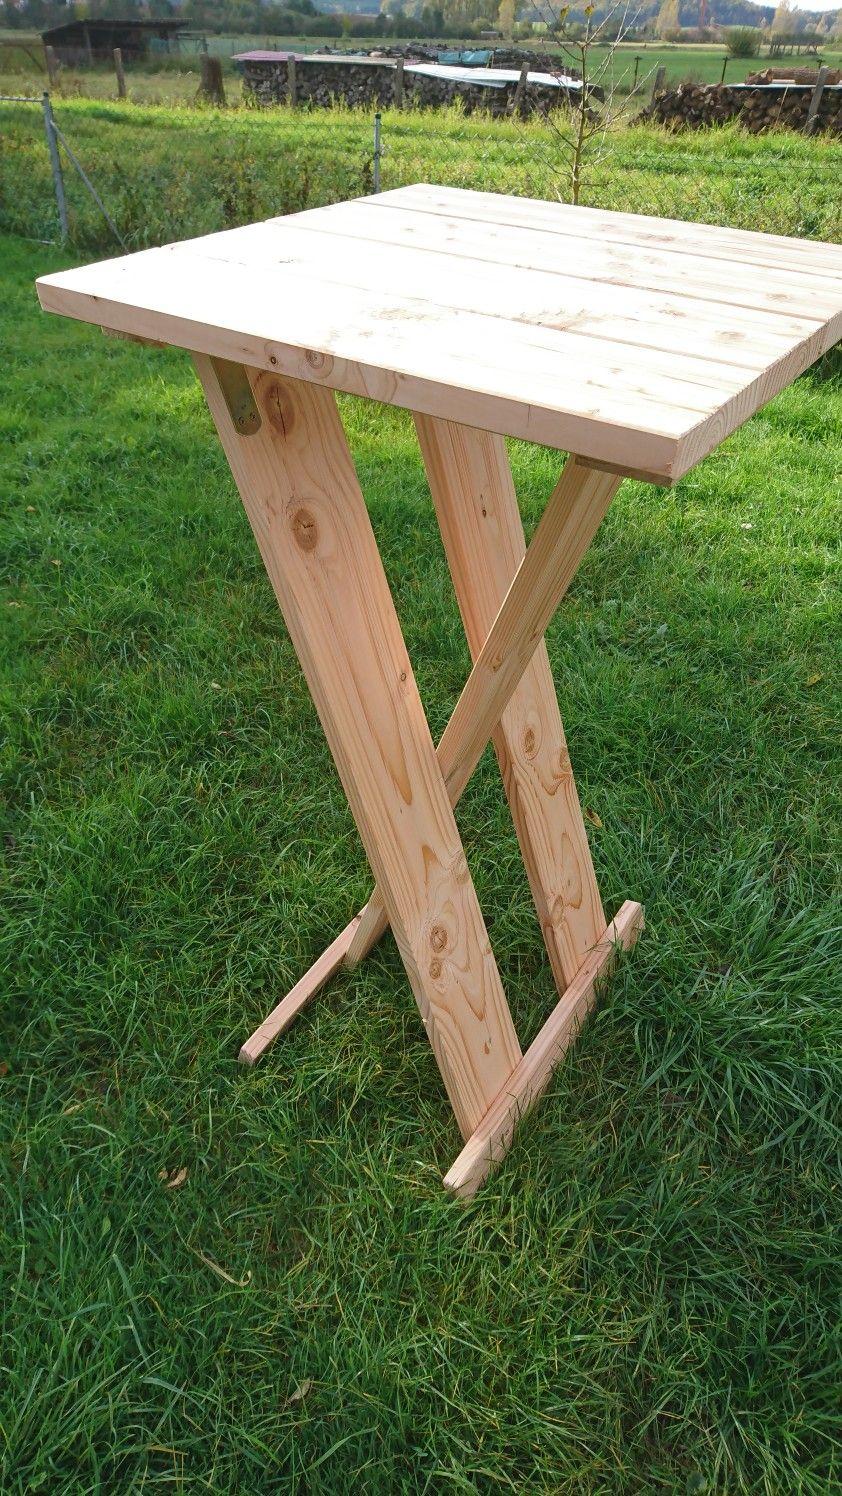 Stehtisch Klappbar Aus Douglasie Unbehandelt 60cm X 60cm Hohe 1 10 M Stehtisch Klappbar Stehtisch Holz Stehtisch